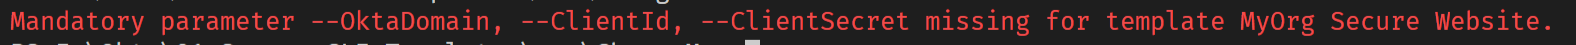 Command line error